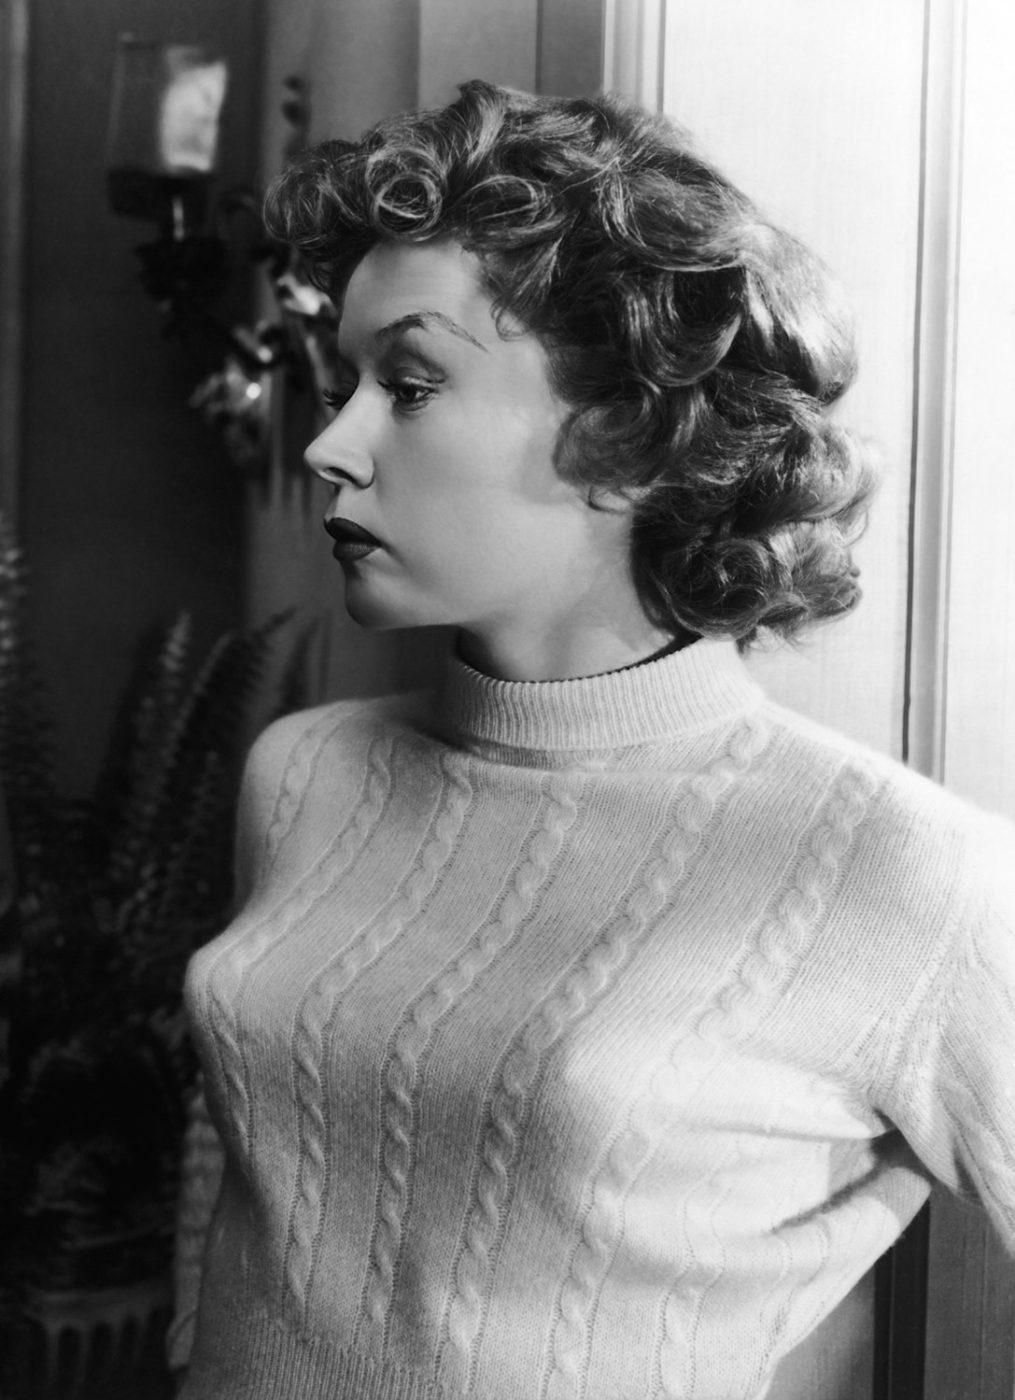 Czarno-biała fotografia portretowa. Na zdjęciu widać kobietę zwróconą profilem. Ma ciemne kręcone włosy. Ubrana jest w jasny półgolf.